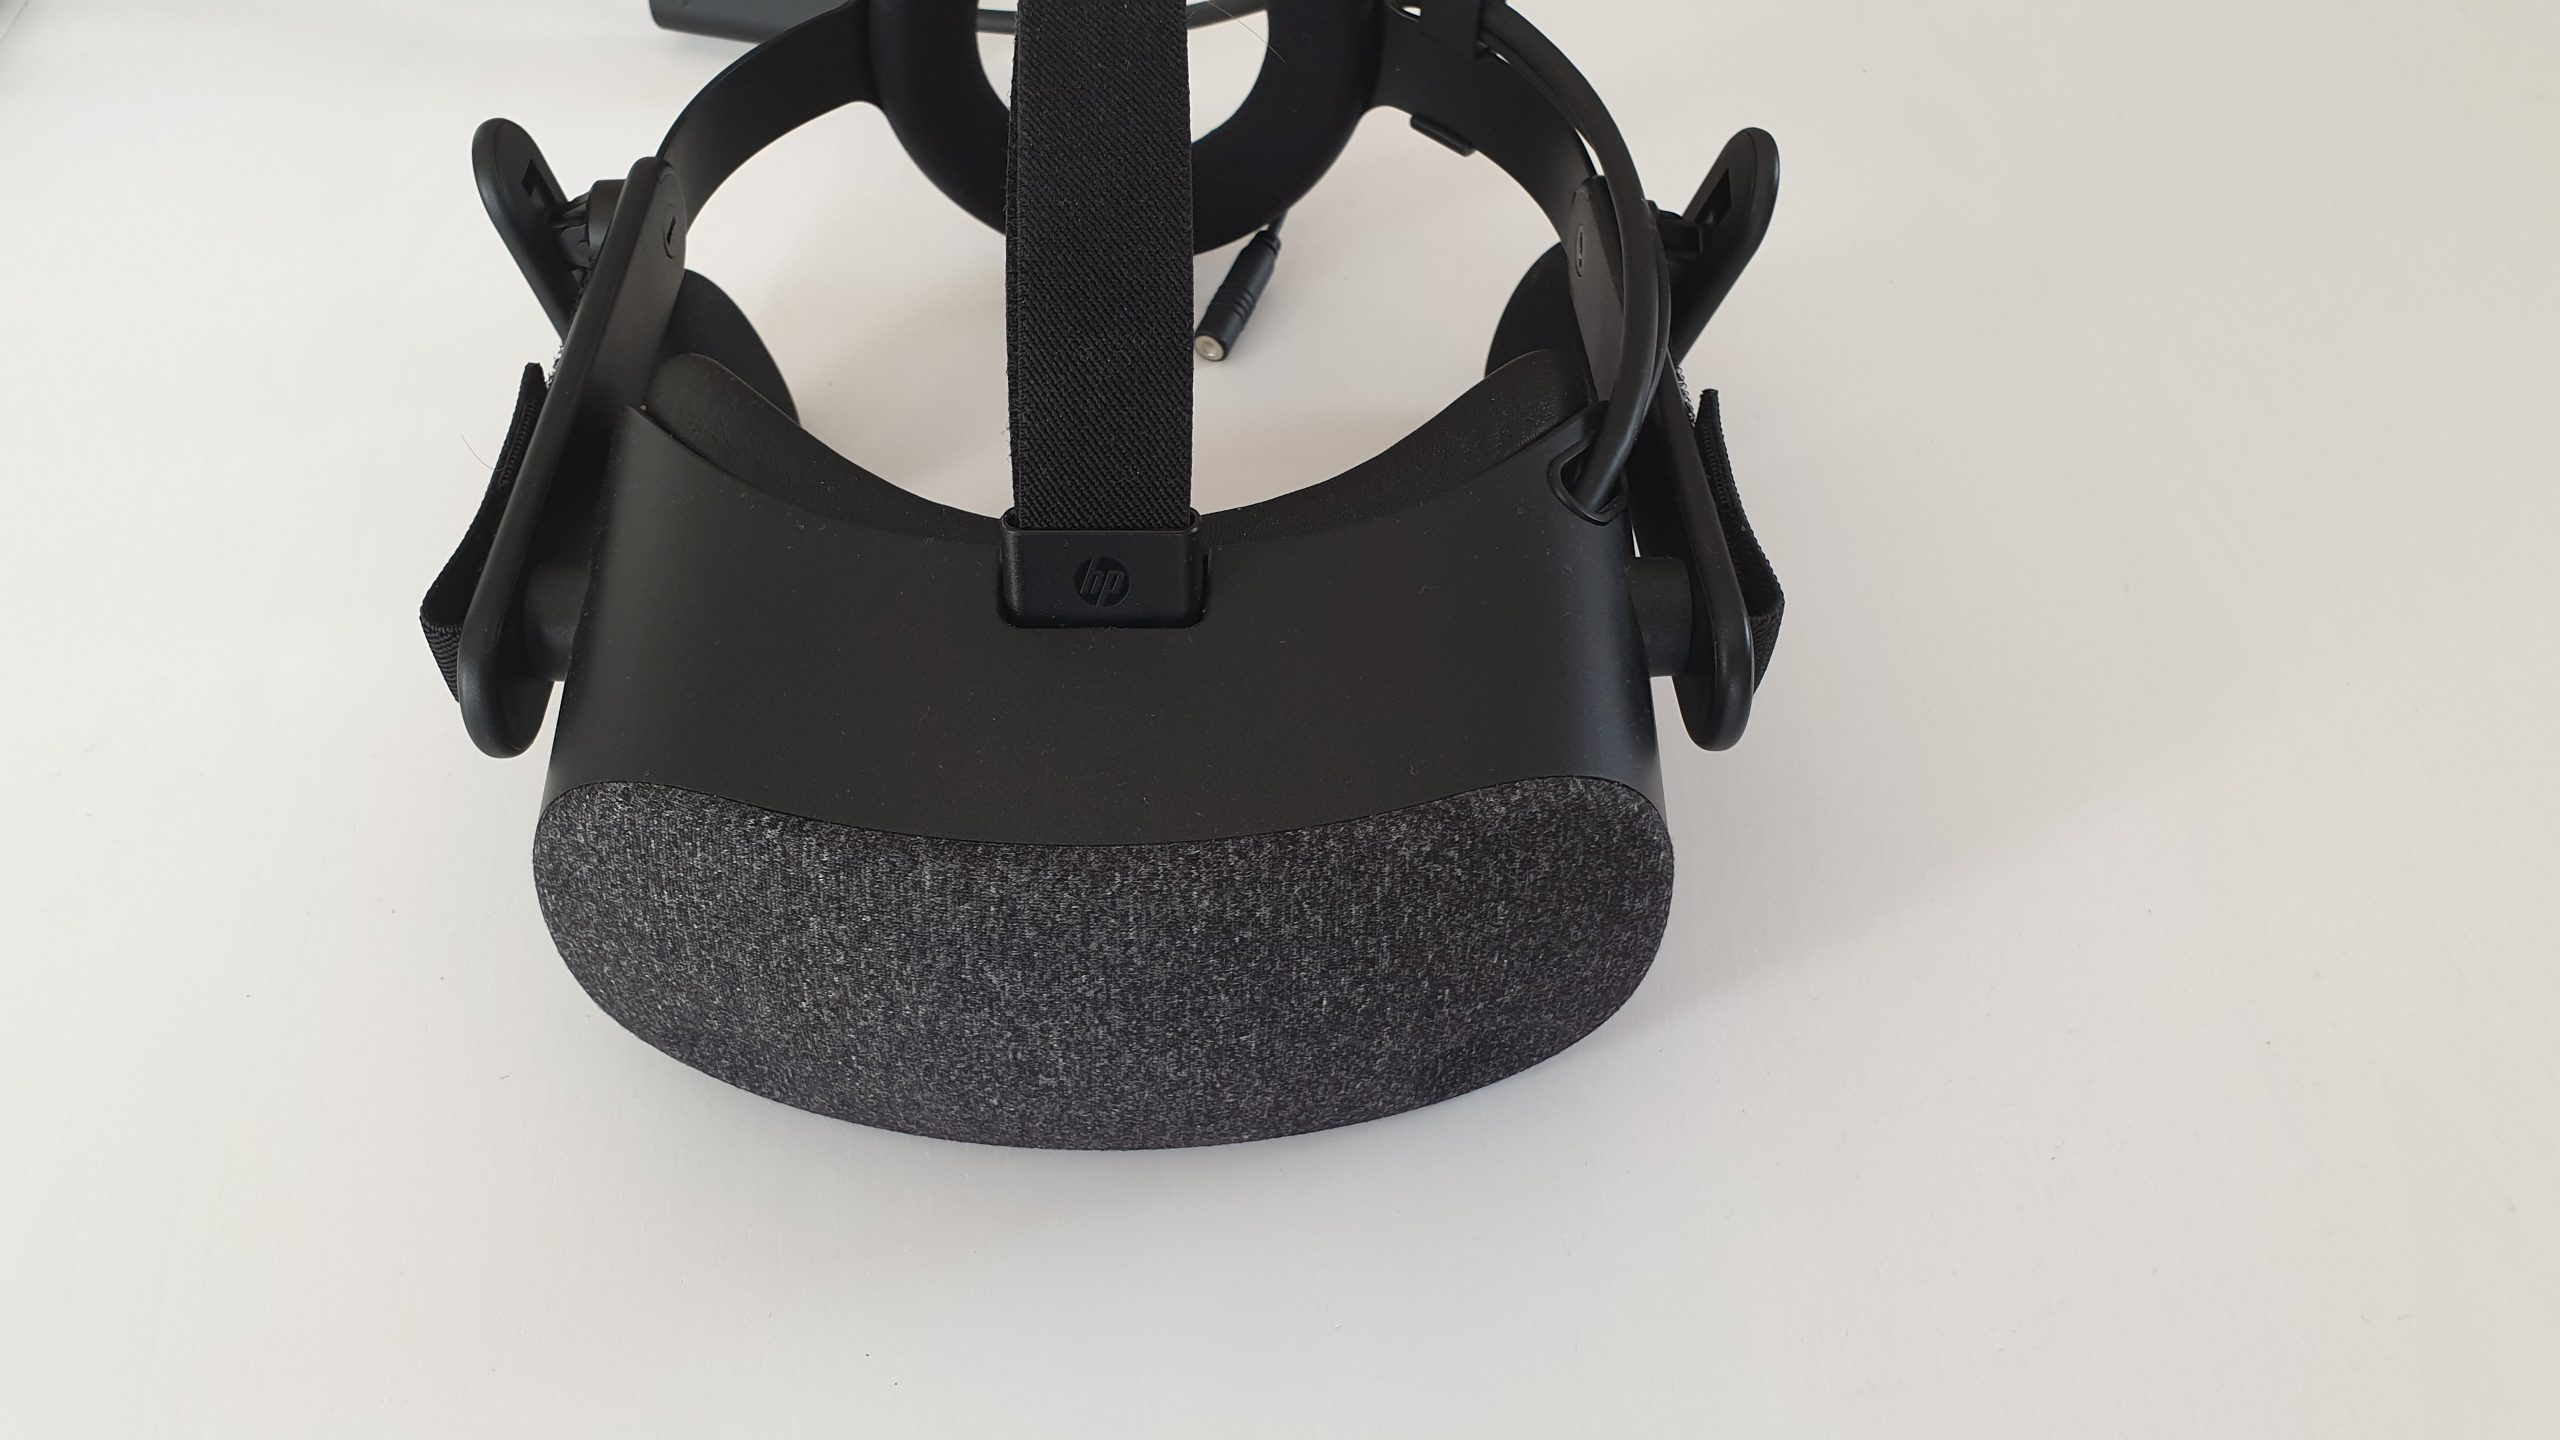 HP Reverb VR 1000: není to s ním snadné, ale stojí to za to